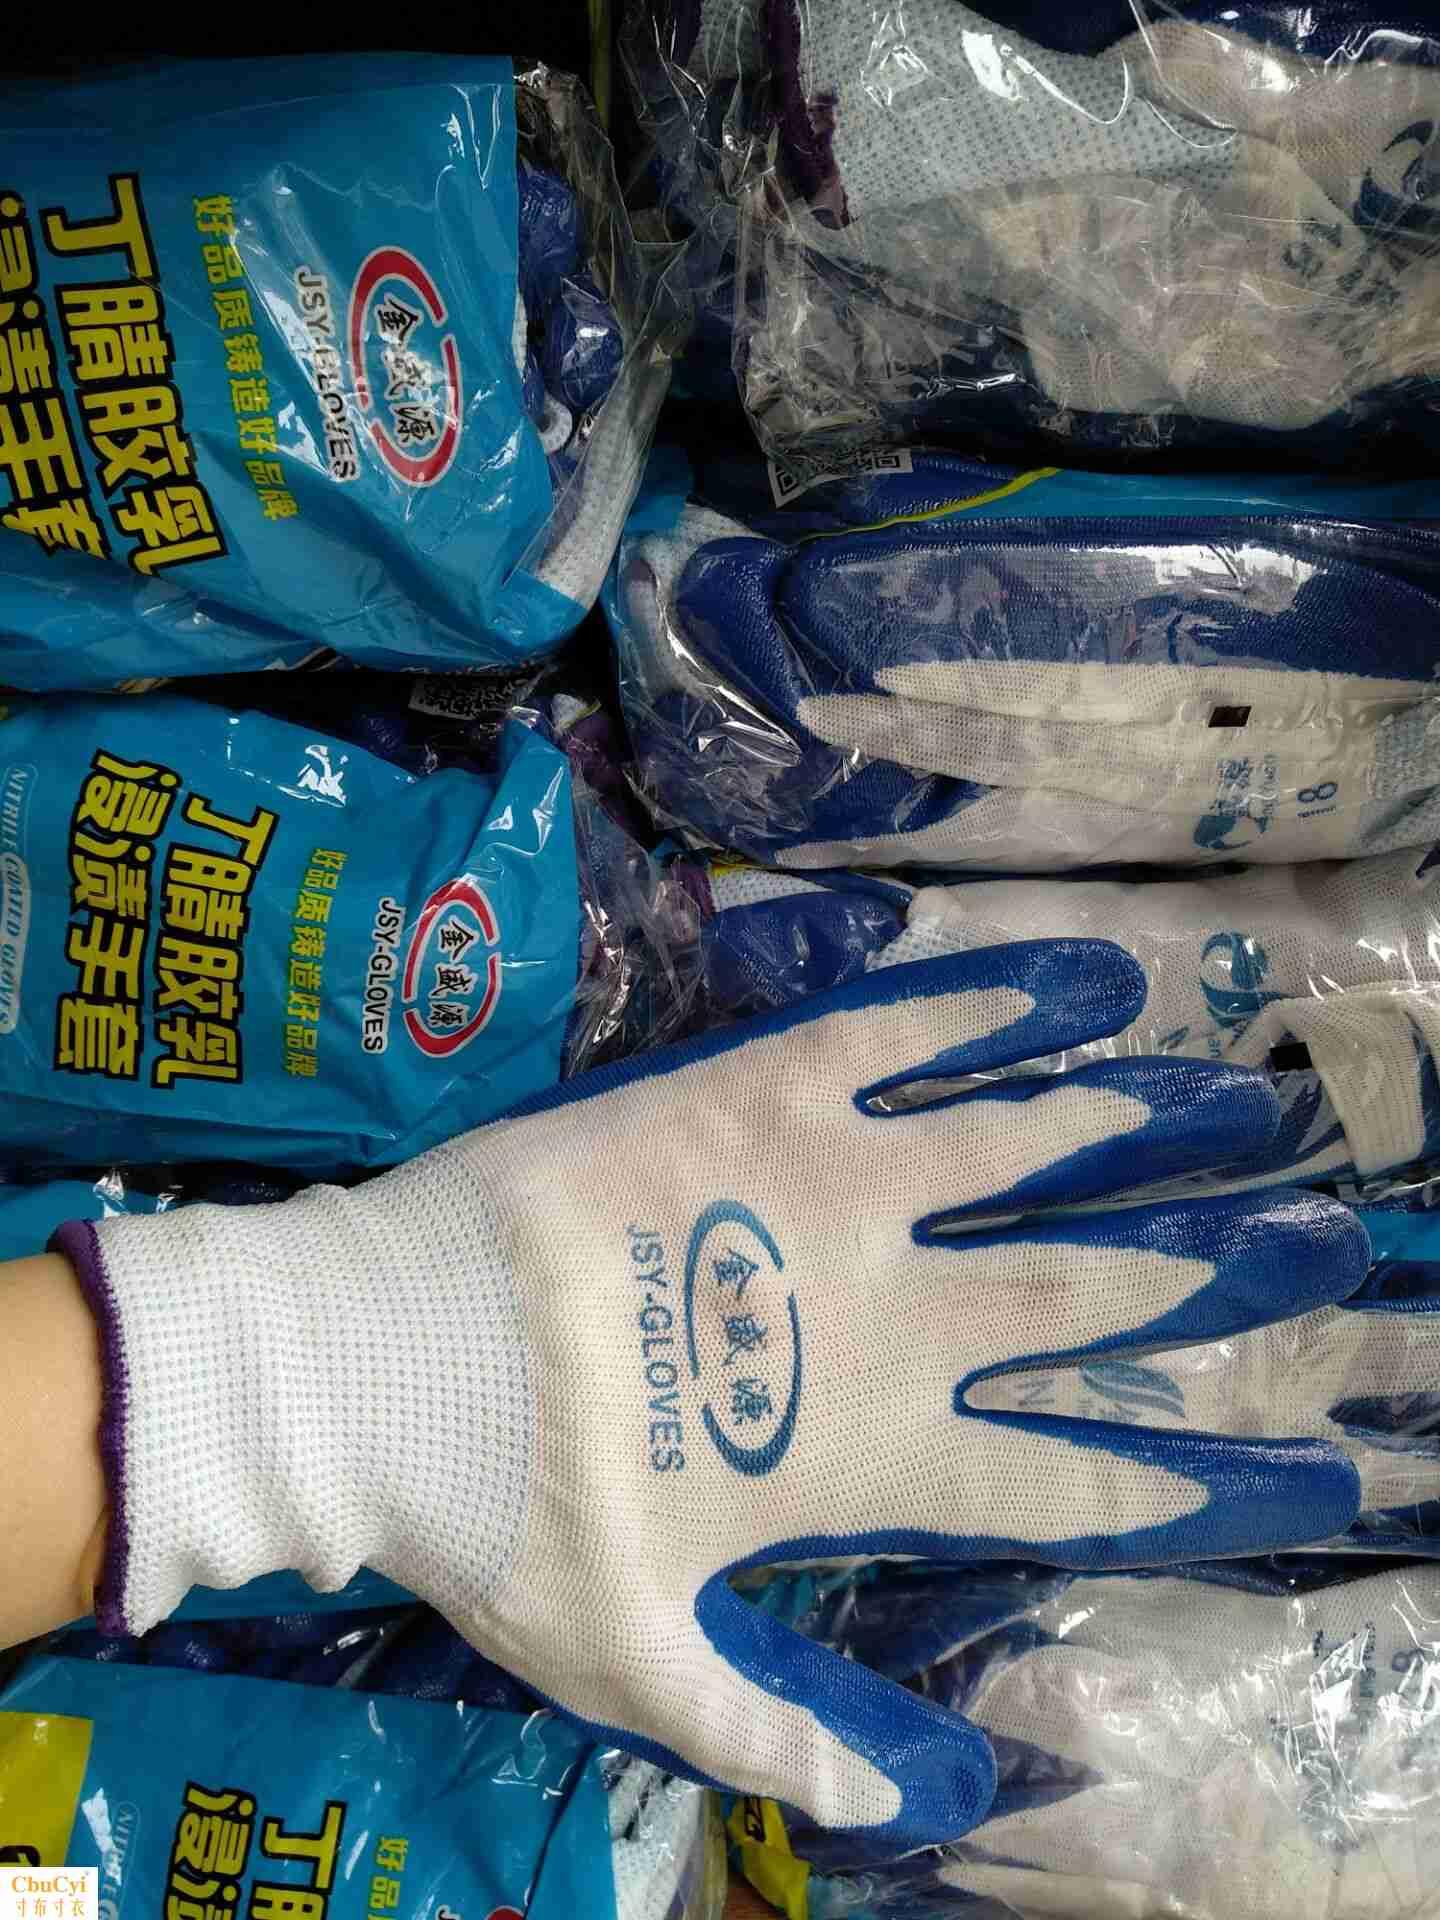 日本购金盛源丁晴胶乳浸塑手套耐油耐酸碱超强耐磨A5级一包12付装